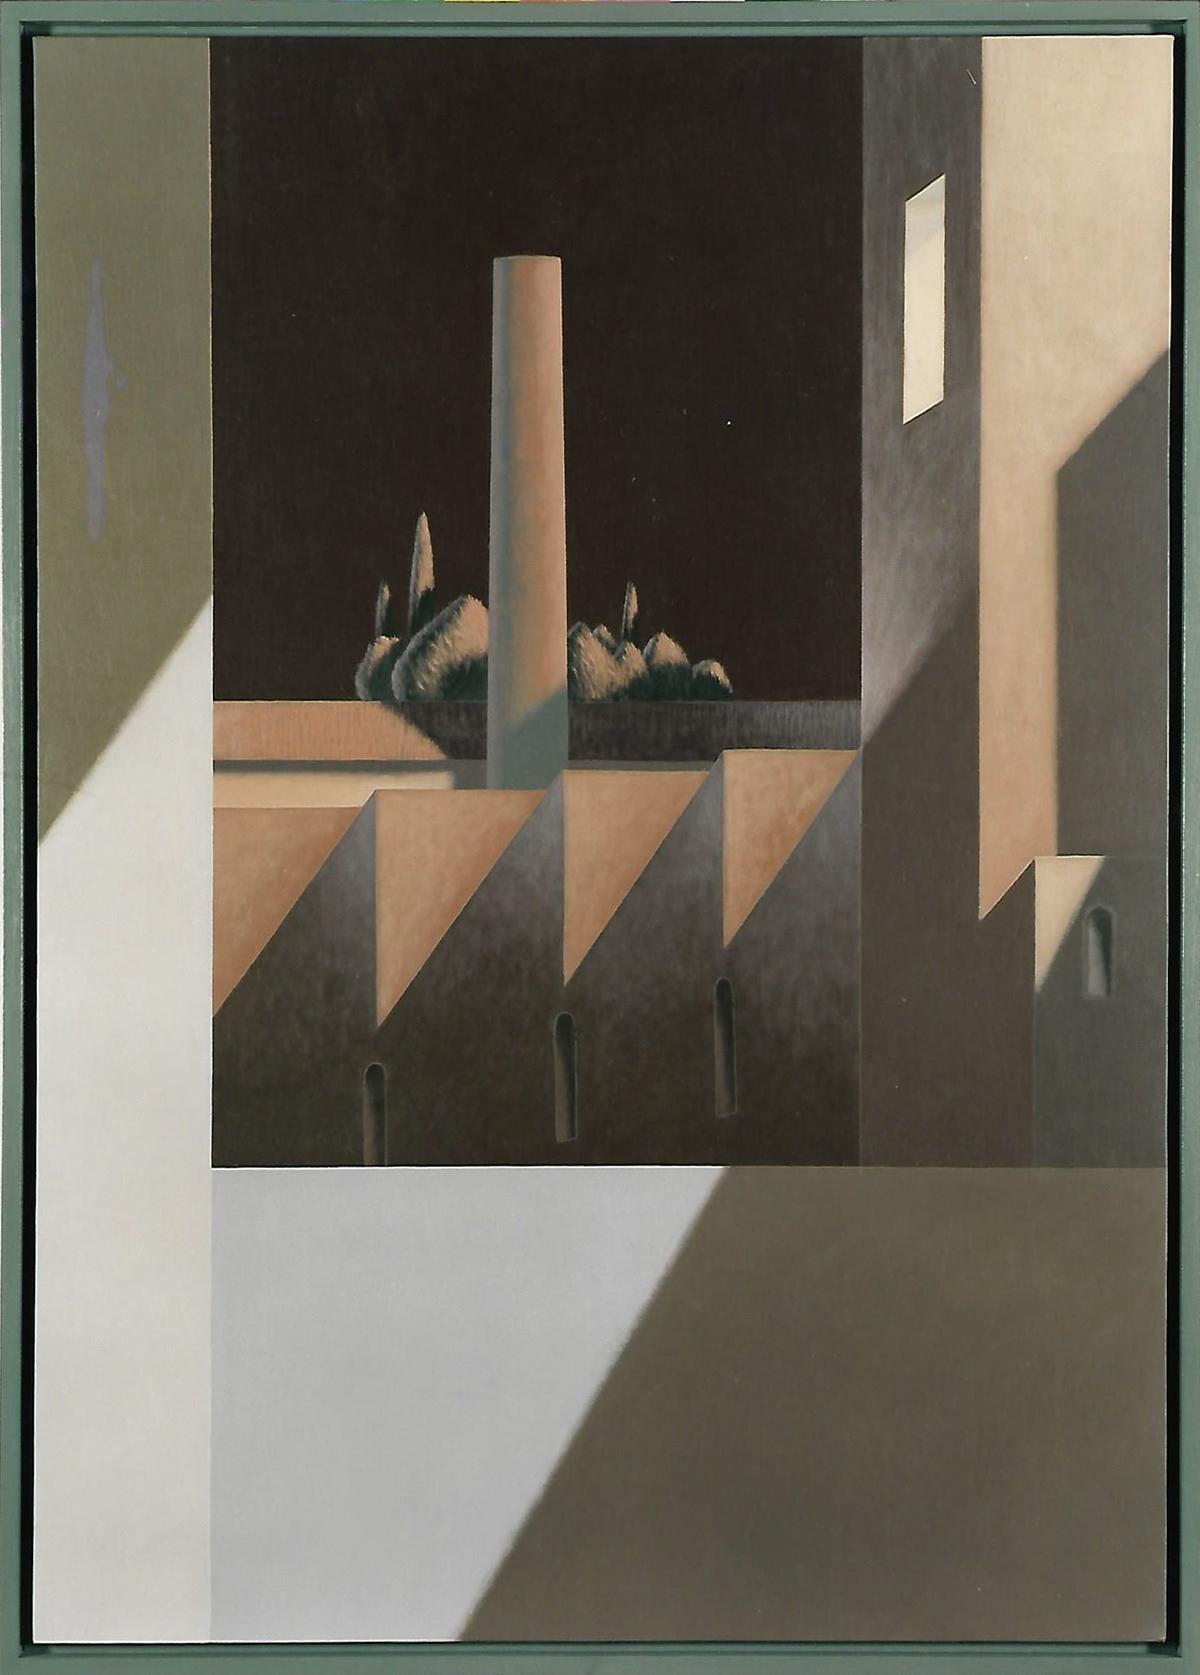 Enrico Lombardi – Attimi obliqui